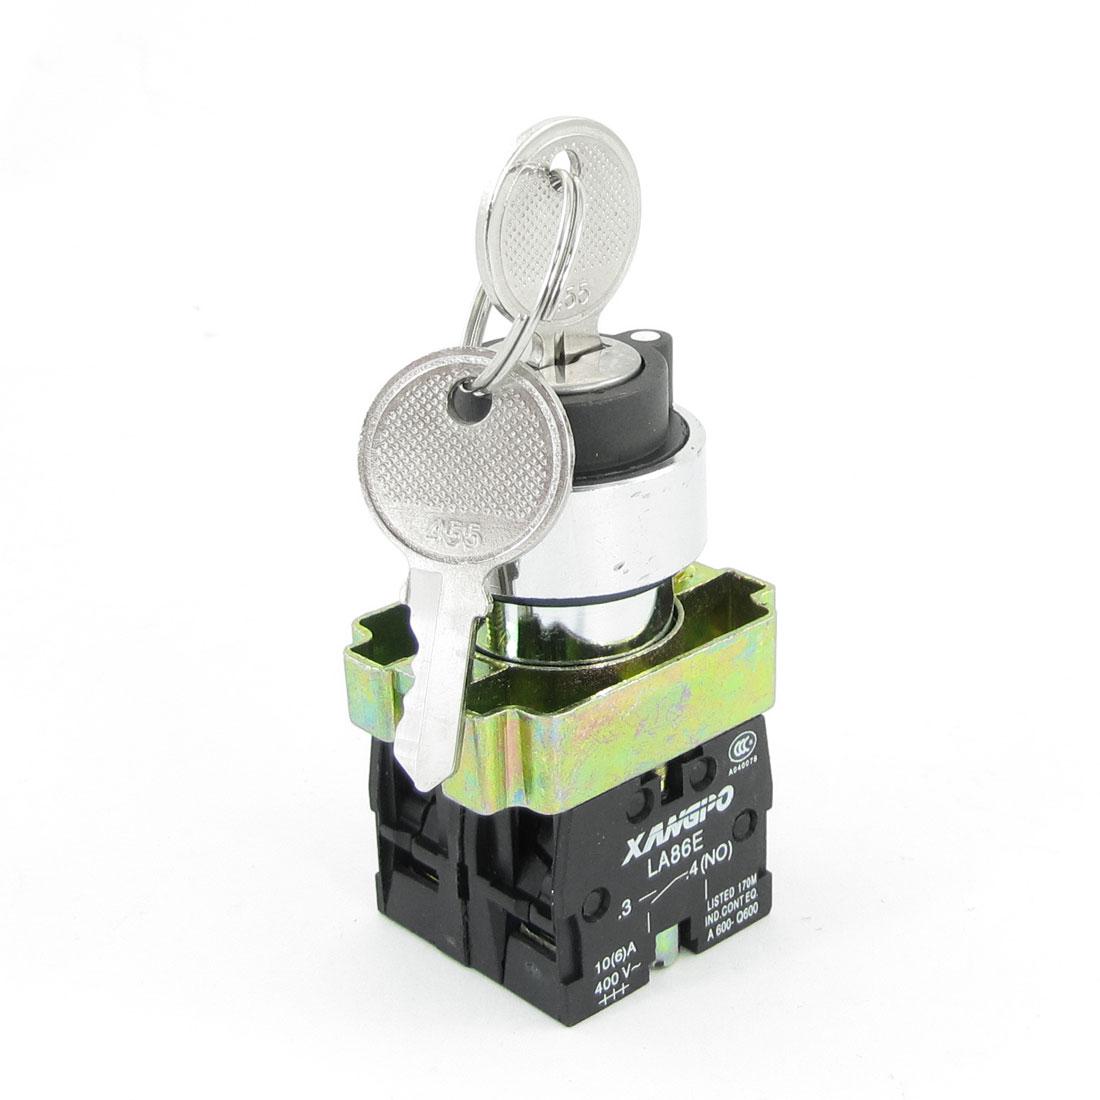 Panel Mounted Key Rotary Start Locking Pushbutton Switch 400VAC 10A 2NO